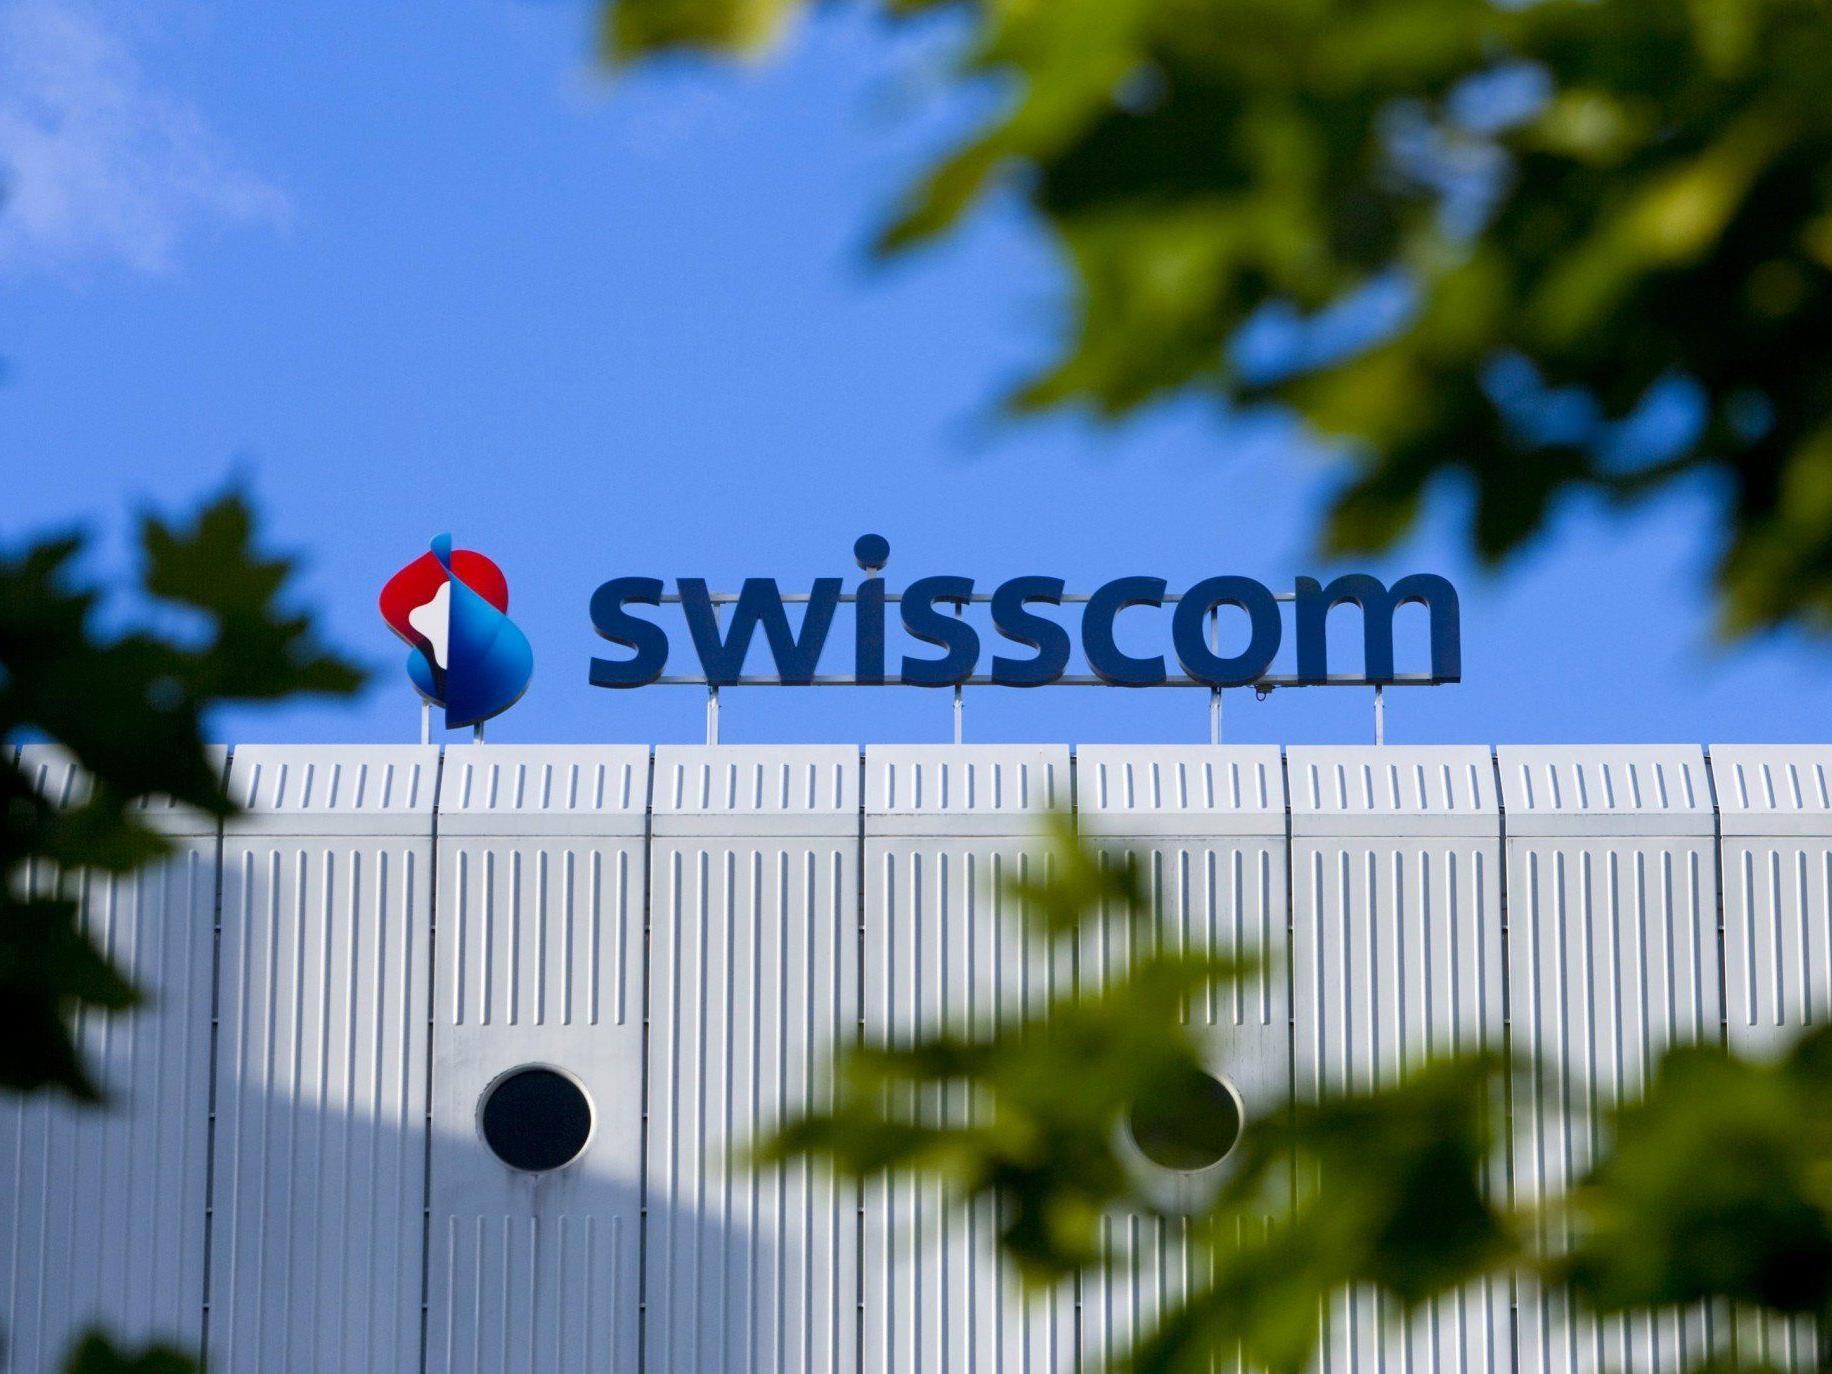 Wettbewerbskommission: Hinweise auf Missbrauch der marktbeherrschenden Stellung bei Swisscom.